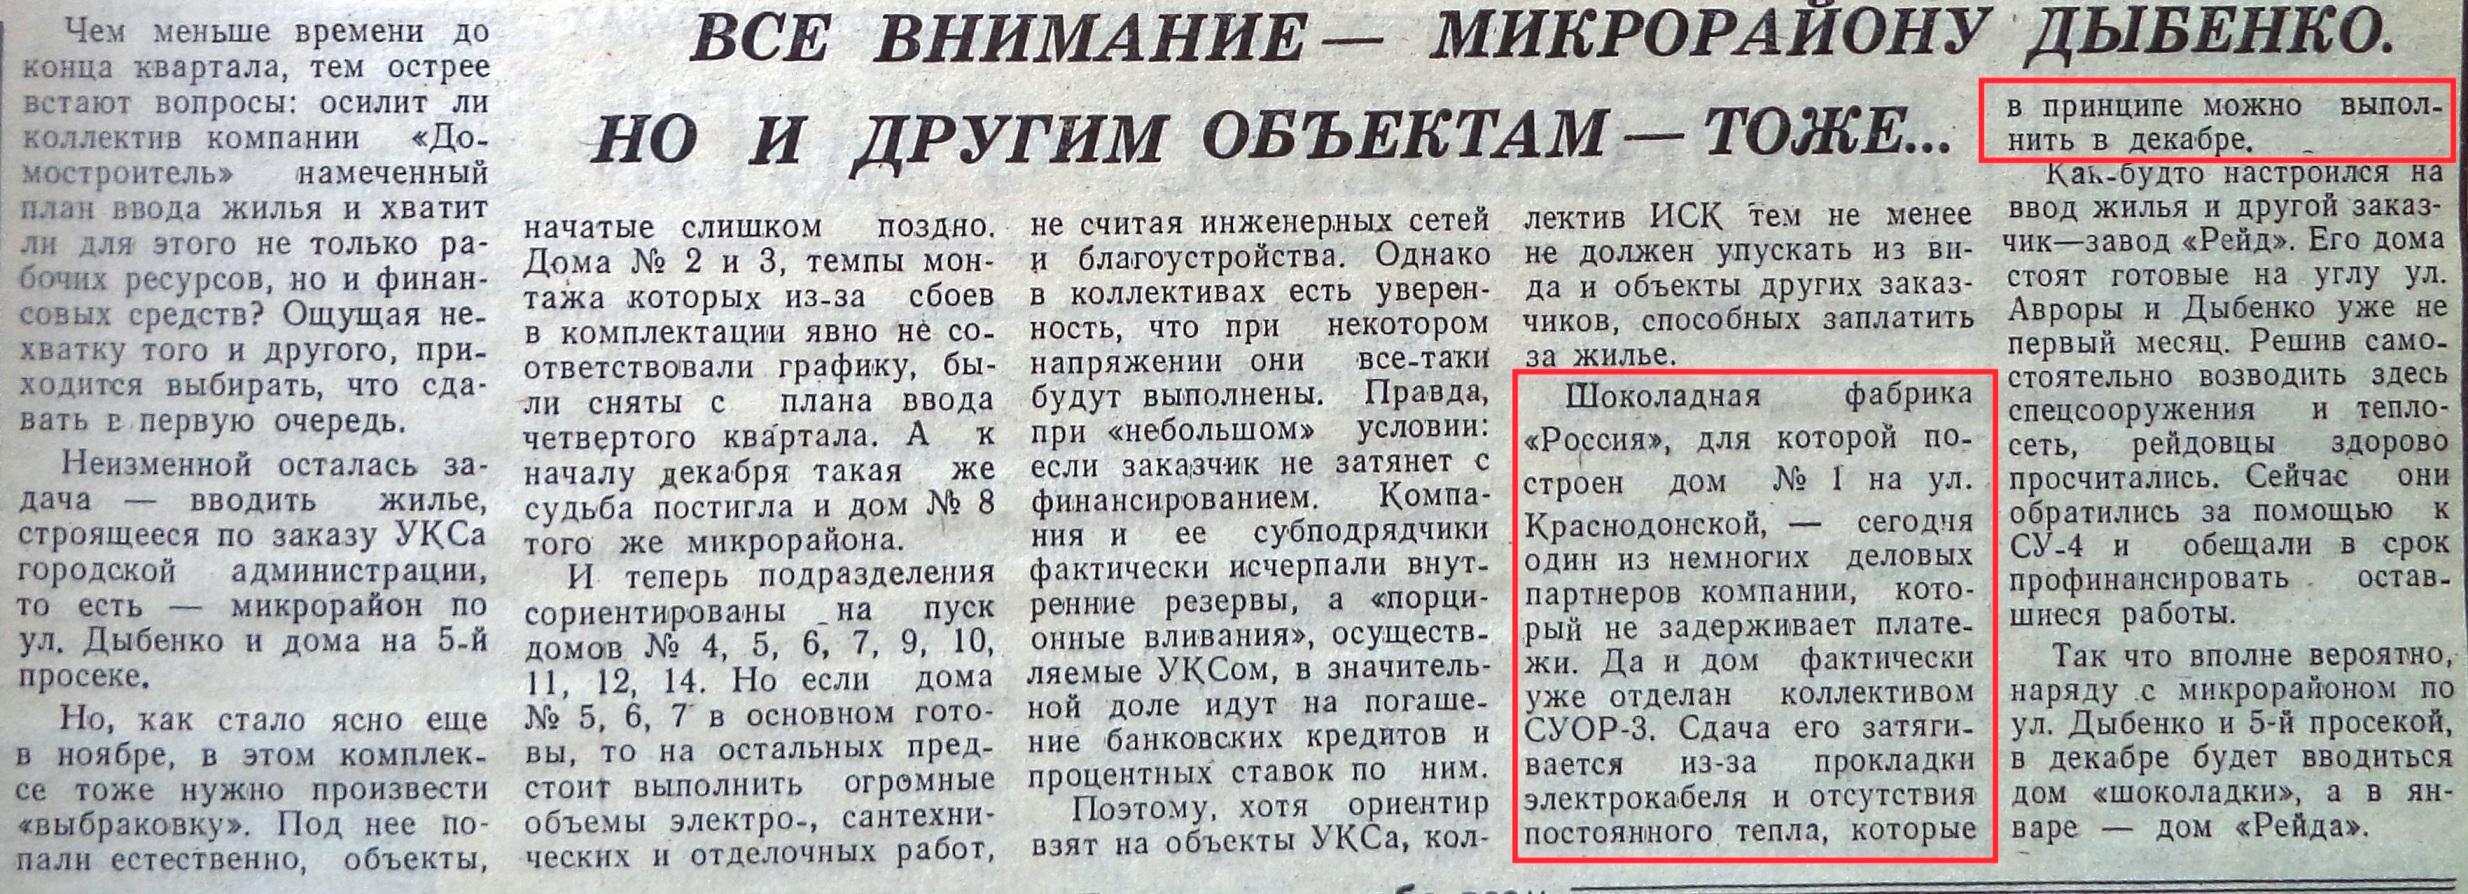 Краснодонская-ФОТО-33-Строитель-1993-3 декабря